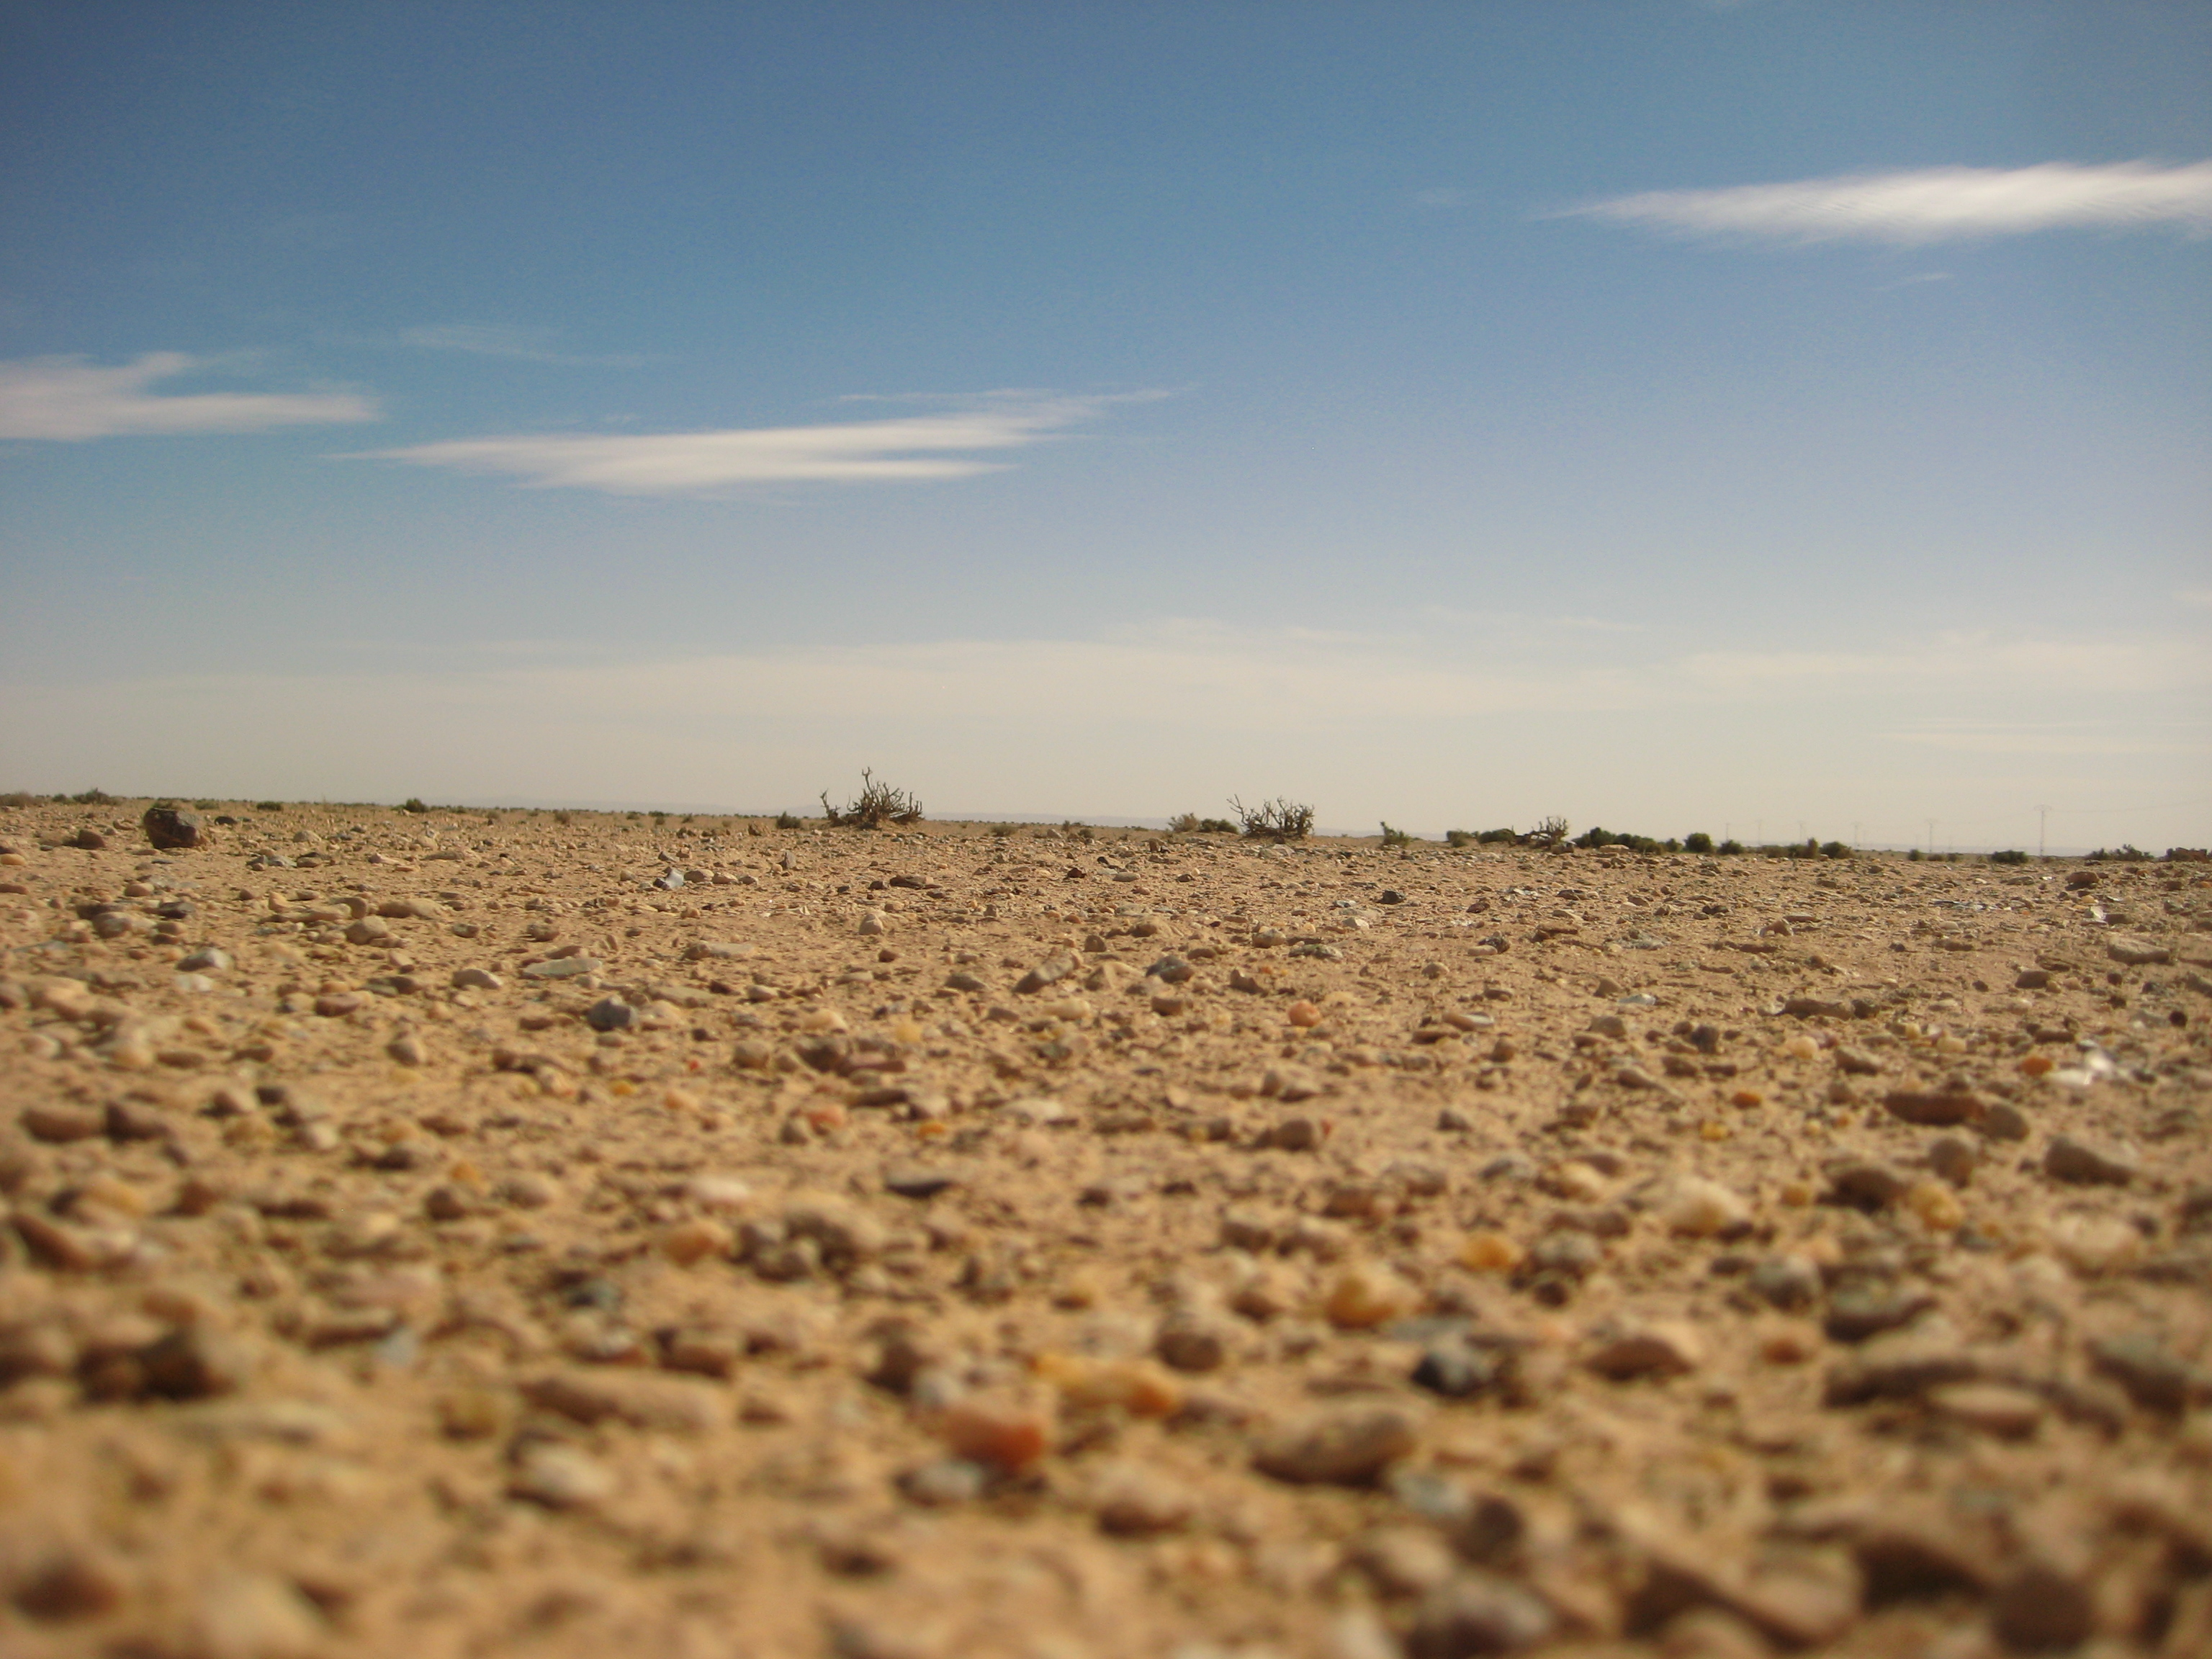 Une terre aride, le Sahara n'est plus très loin